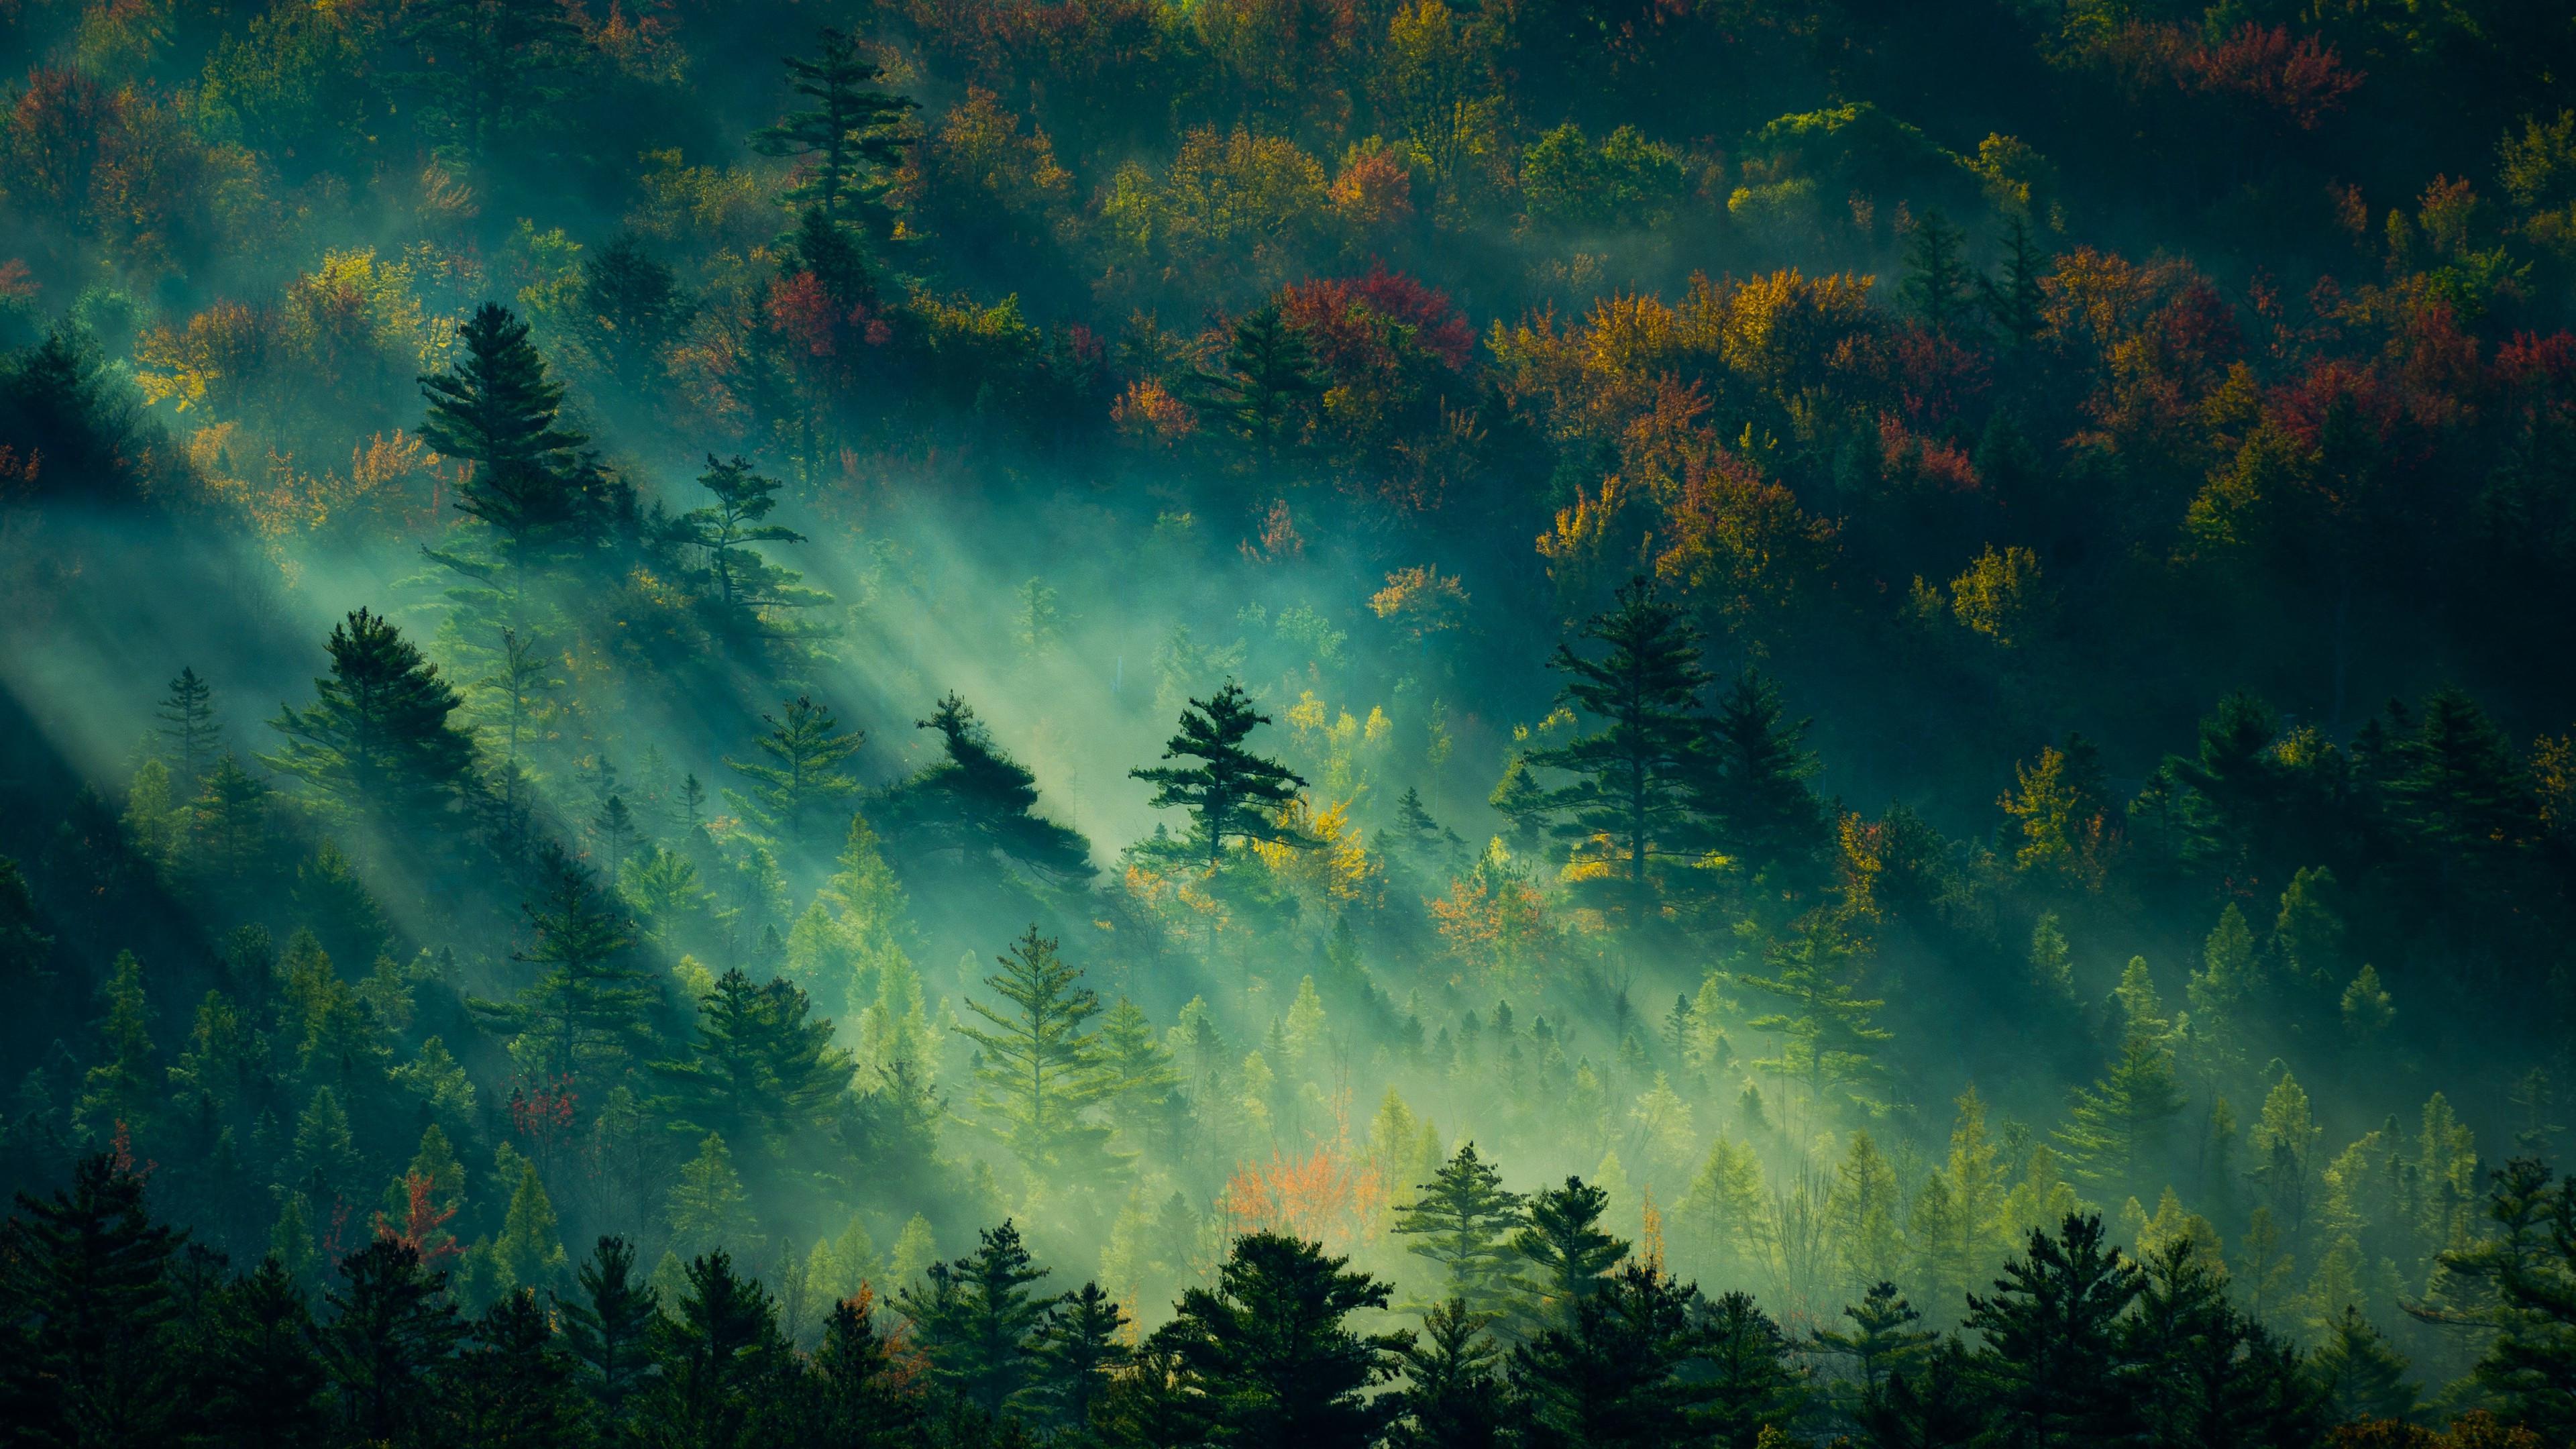 Forest Wallpaper 4k 3840x2160 Download Hd Wallpaper Wallpapertip